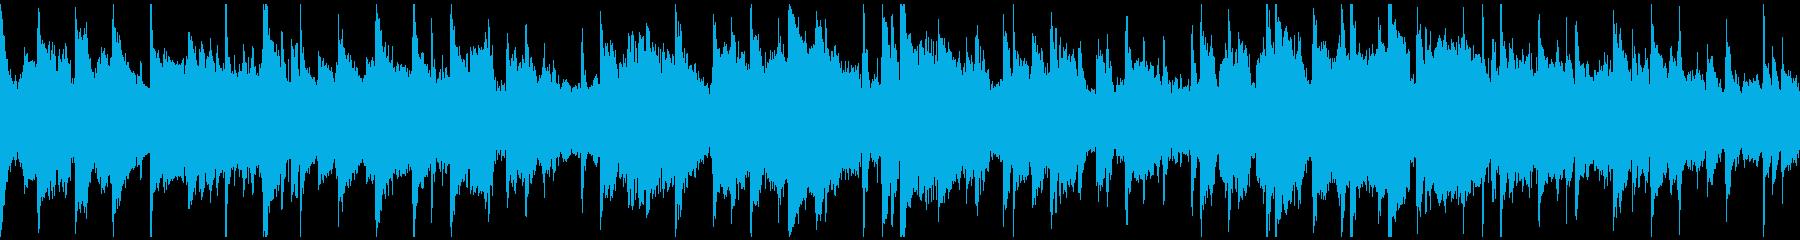 プラネタリウムっぽい幻想的な曲※ループ版の再生済みの波形